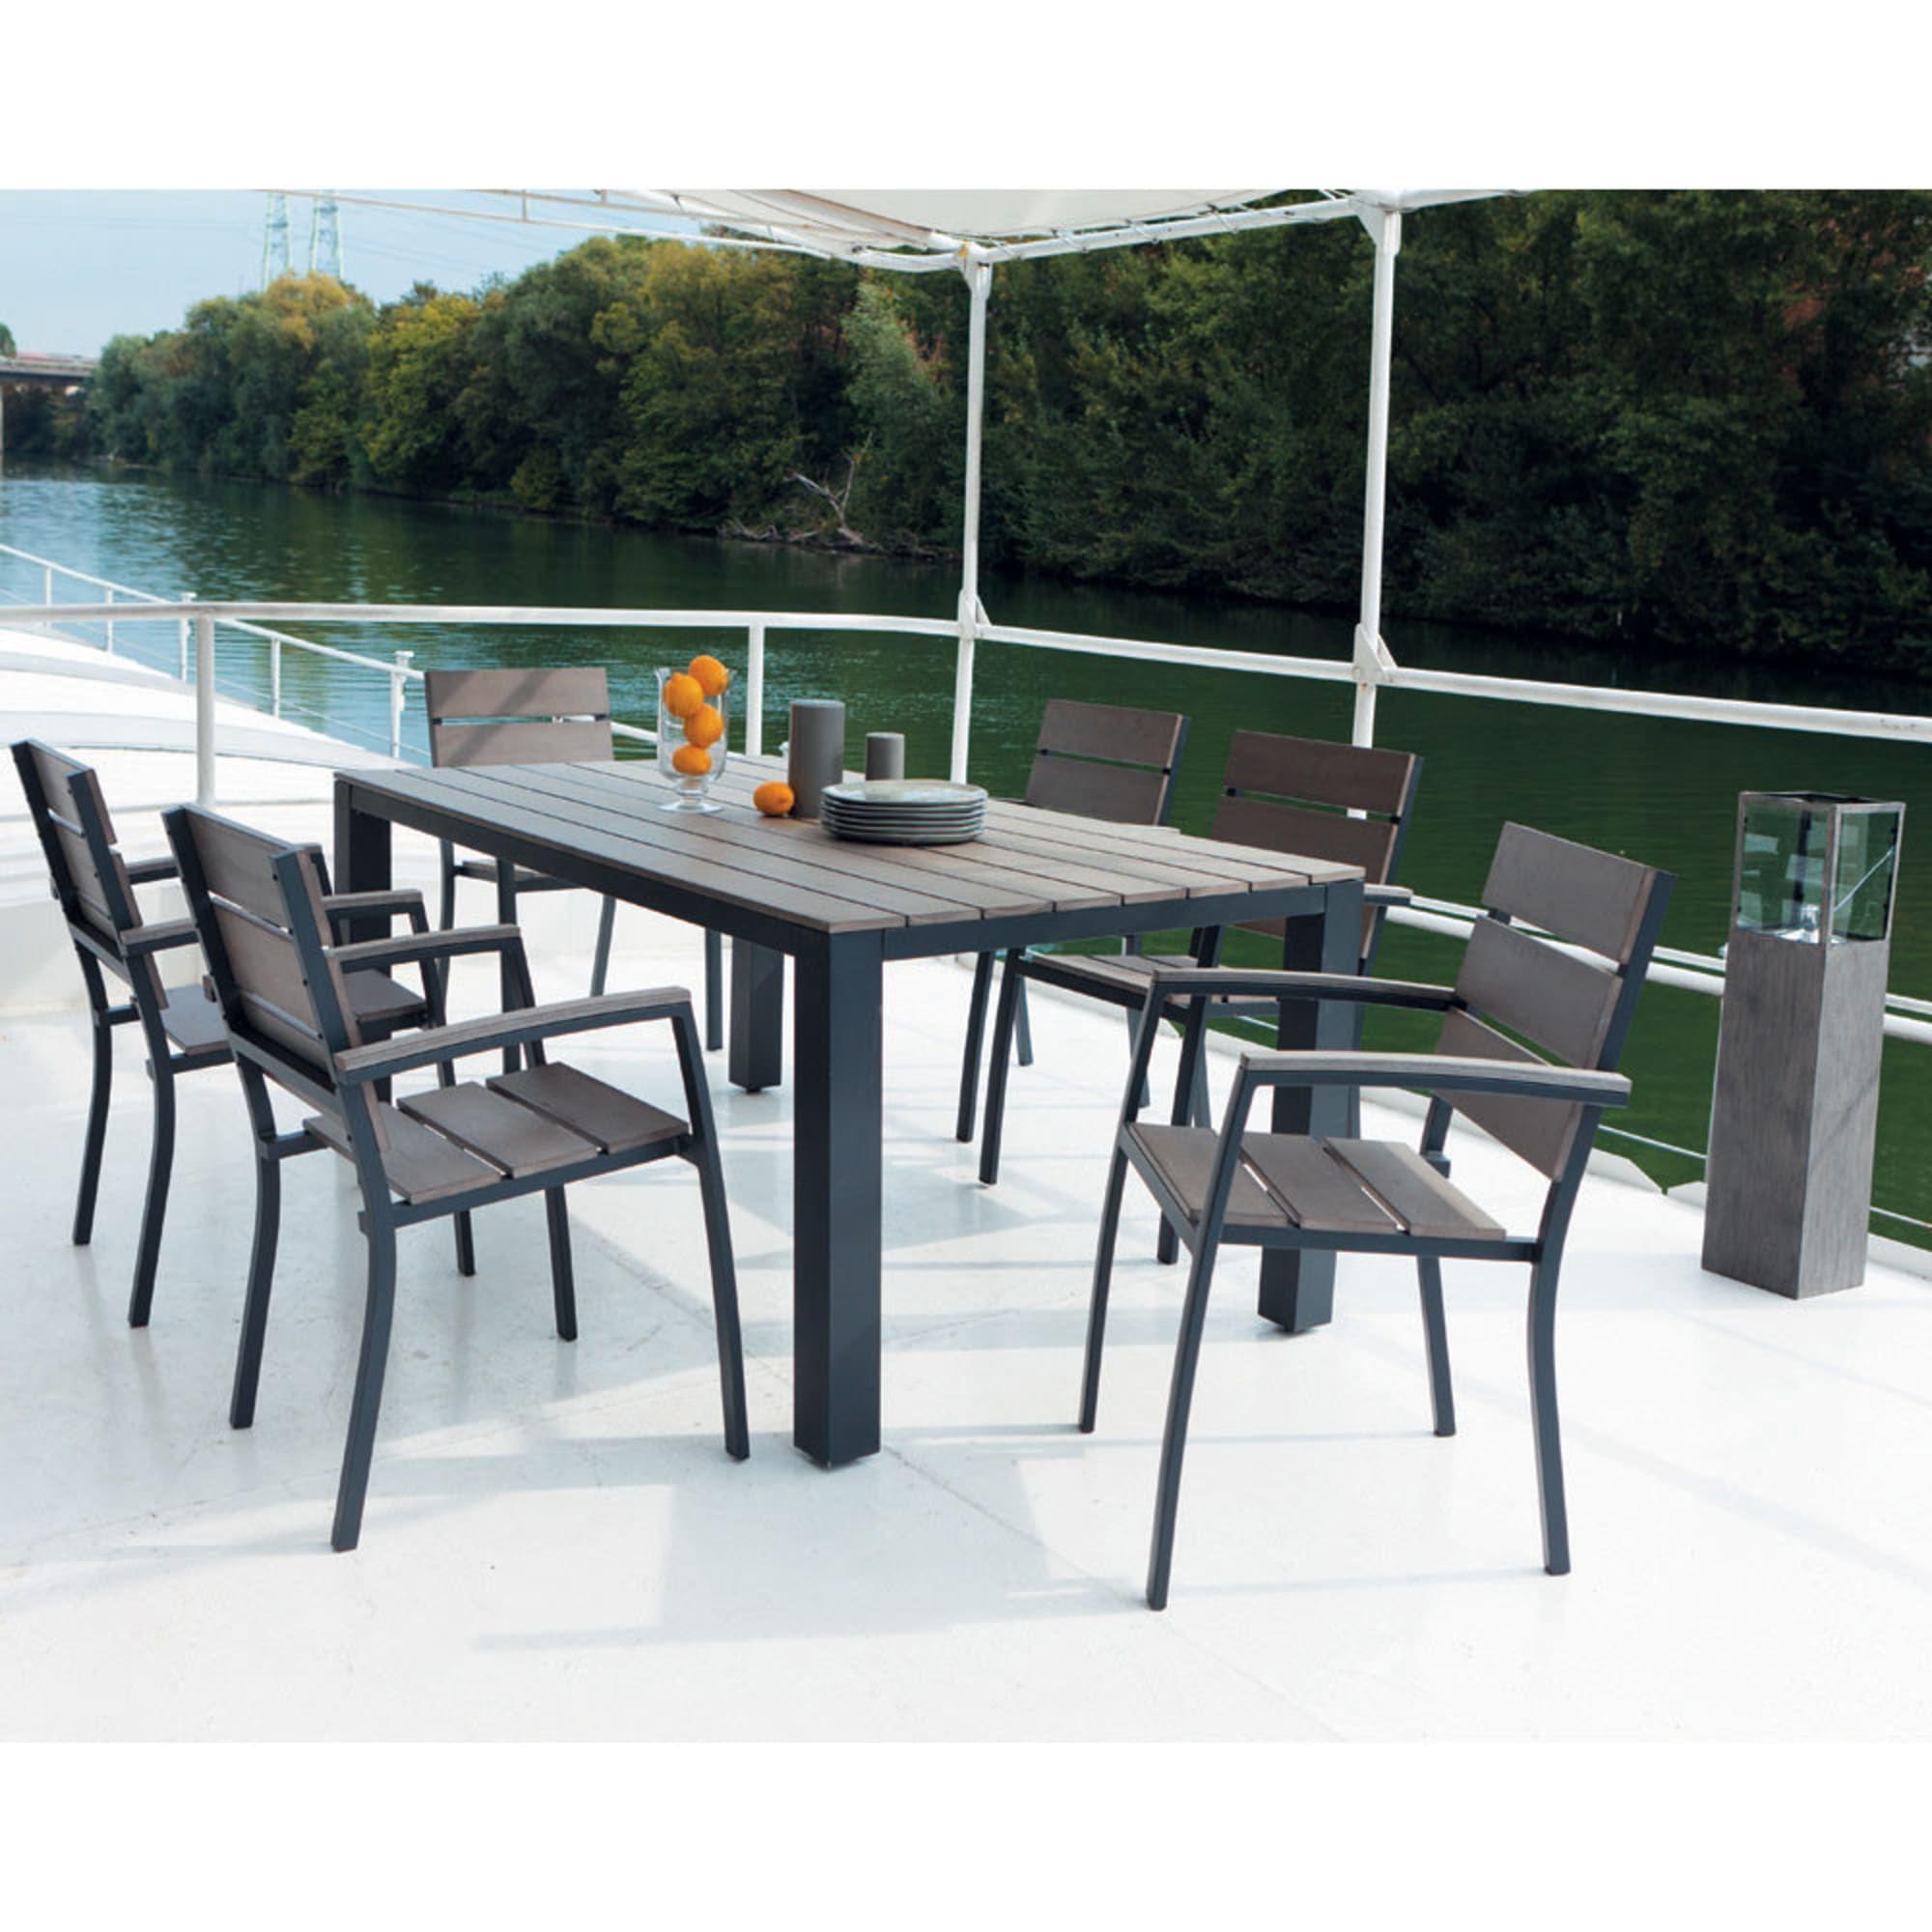 Vergrijsde Aluminium Tuintafel L 180 Cm Maisons Du Monde Aluminum Patio Furniture Garden Table Outdoor Dining Table